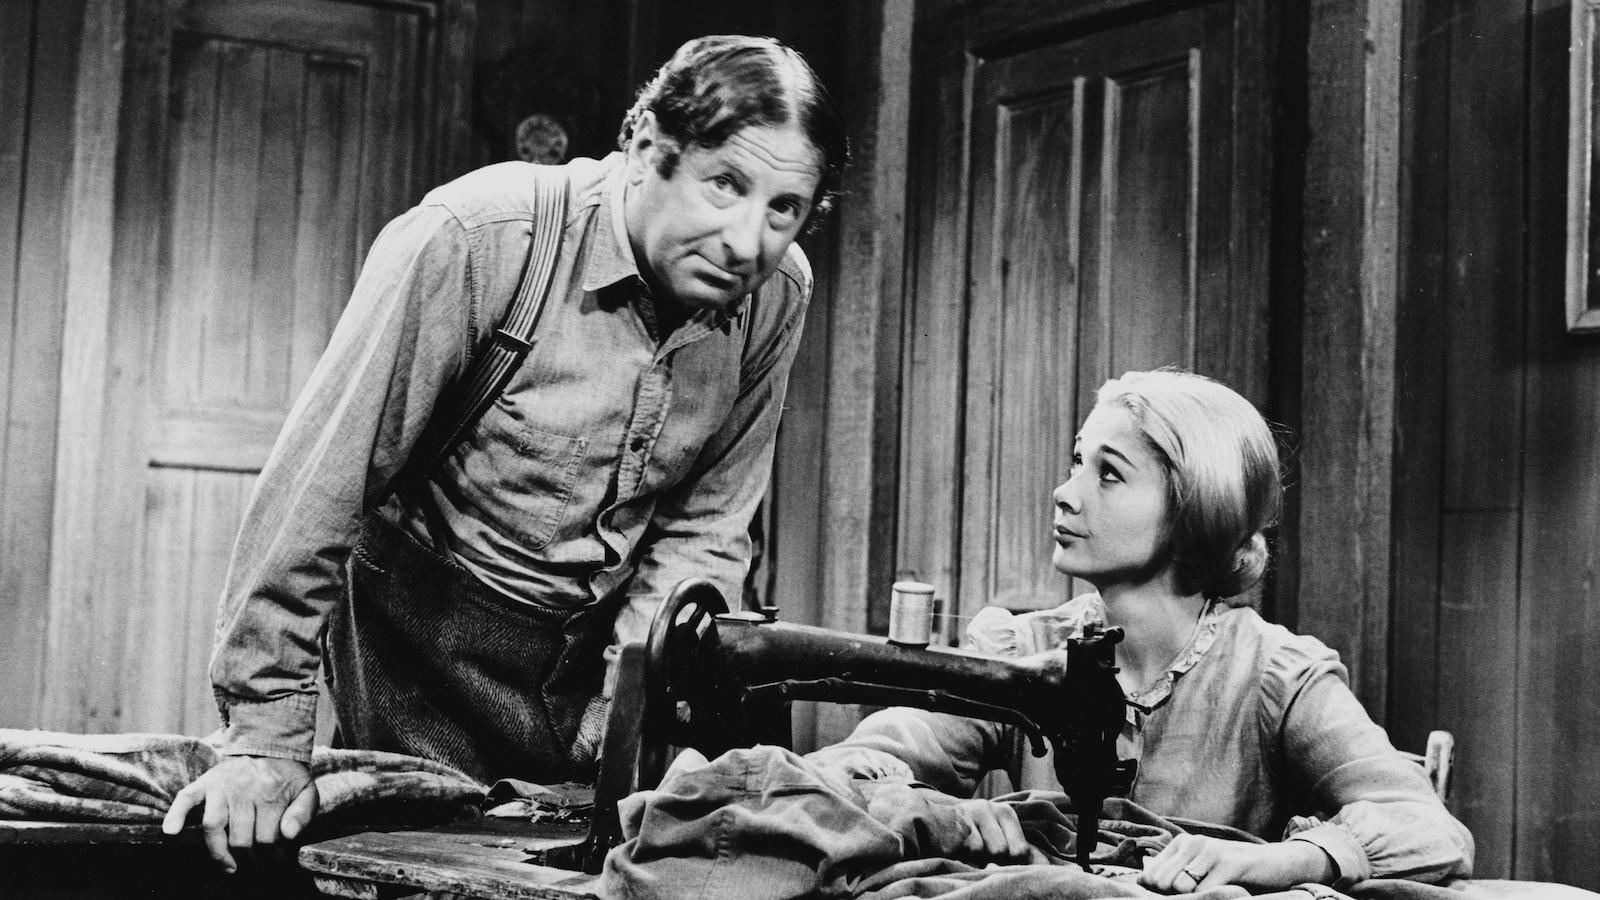 Dans leur maison, Séraphin (Jean-Pierre Masson) se penche vers Donalda (Andrée Champagne) qui est assise derrière un moulin à coudre.